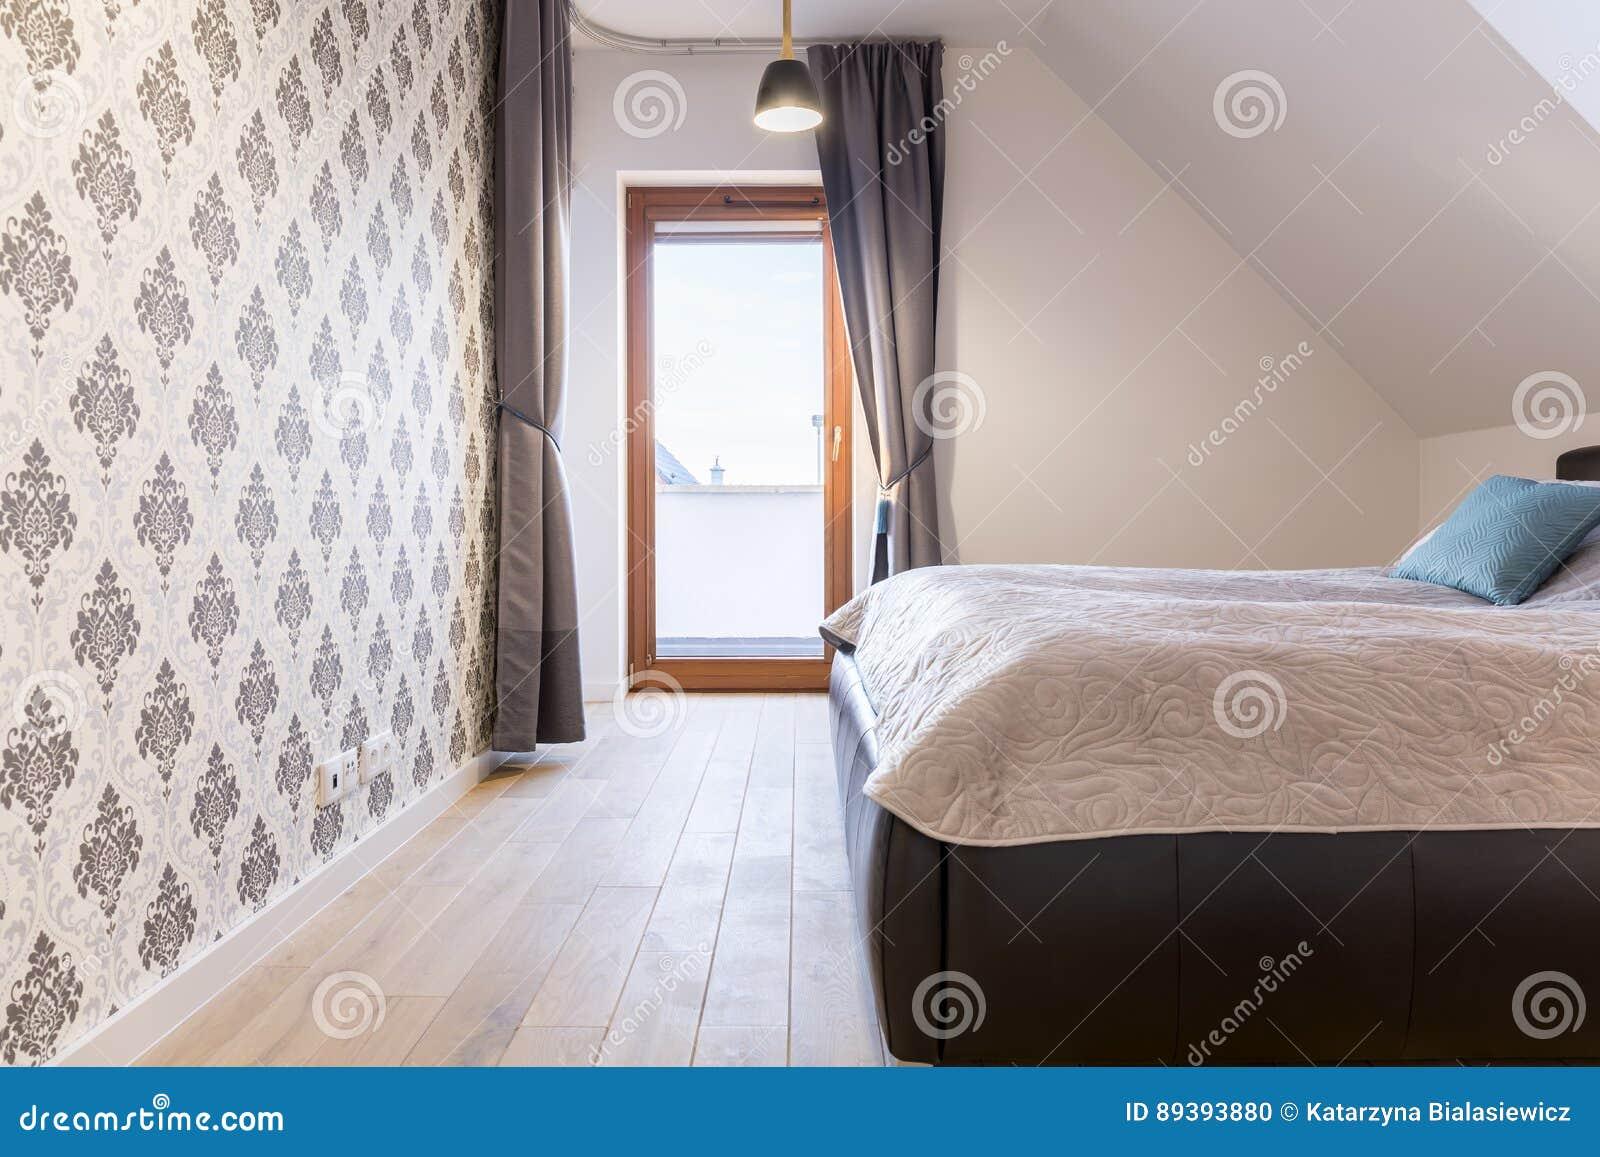 Sypialnia Z Tarasem Zdjęcie Stock Obraz Złożonej Z Wnętrze